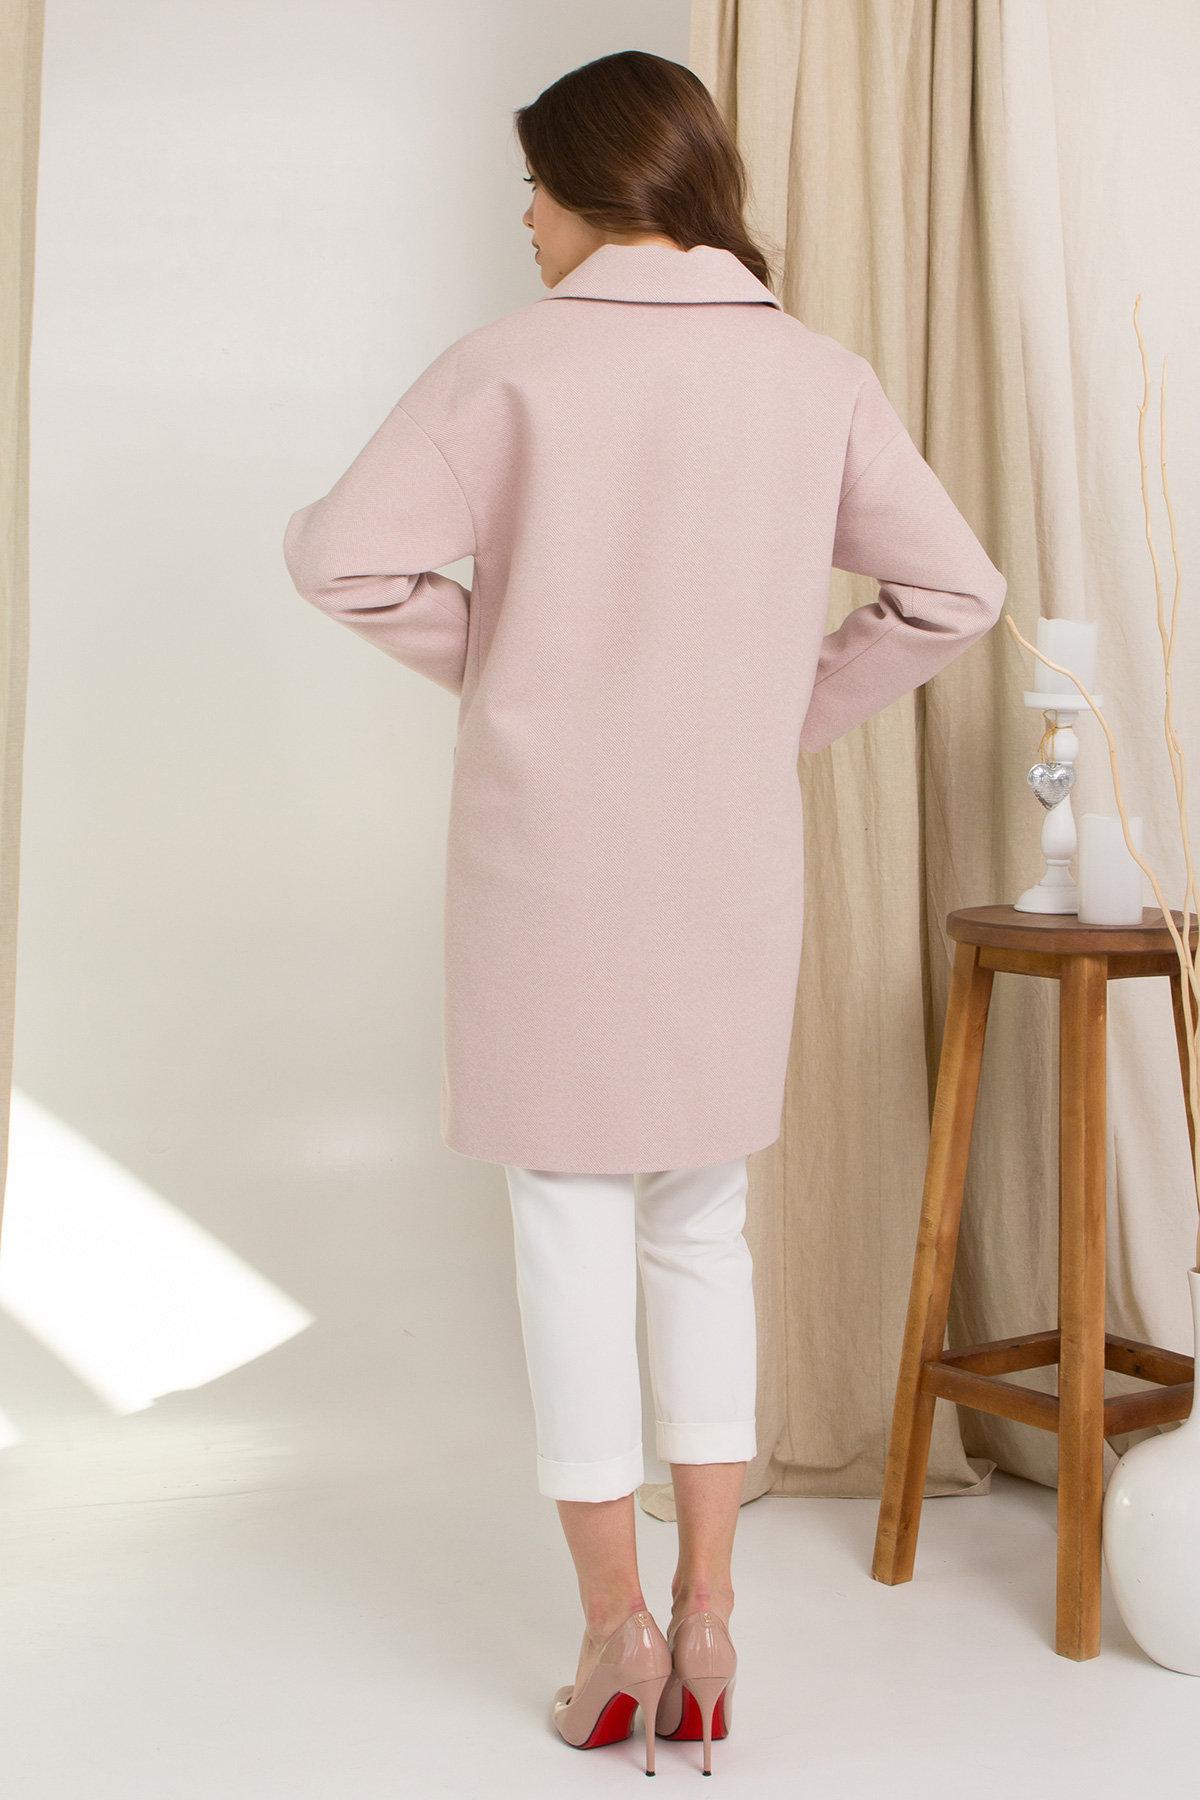 Пальто Сенсей 8905 АРТ. 45316 Цвет: Пудра 2 - фото 2, интернет магазин tm-modus.ru